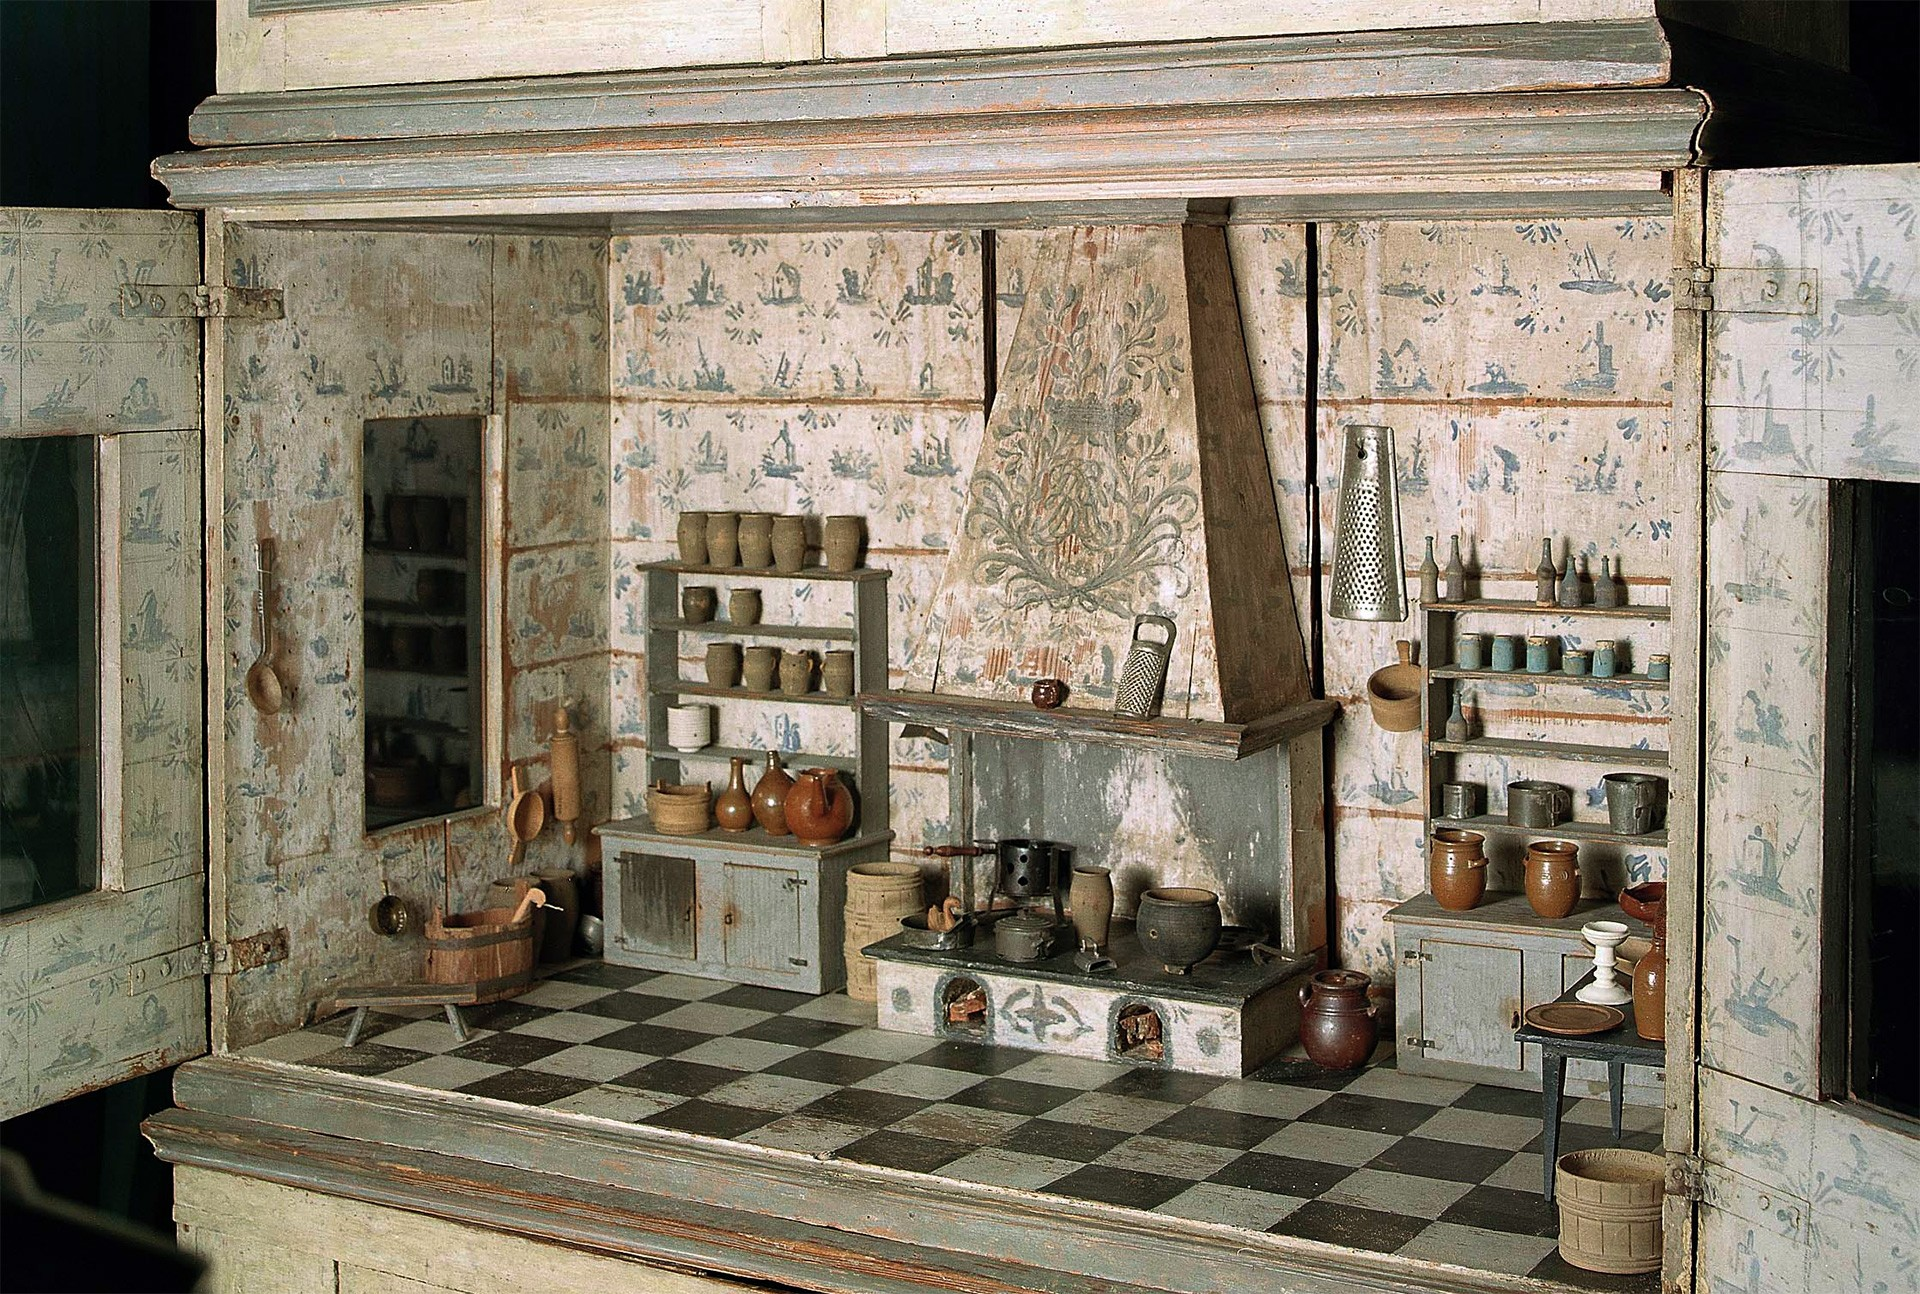 Nordiska museets äldsta dockskåp från omkring 1700